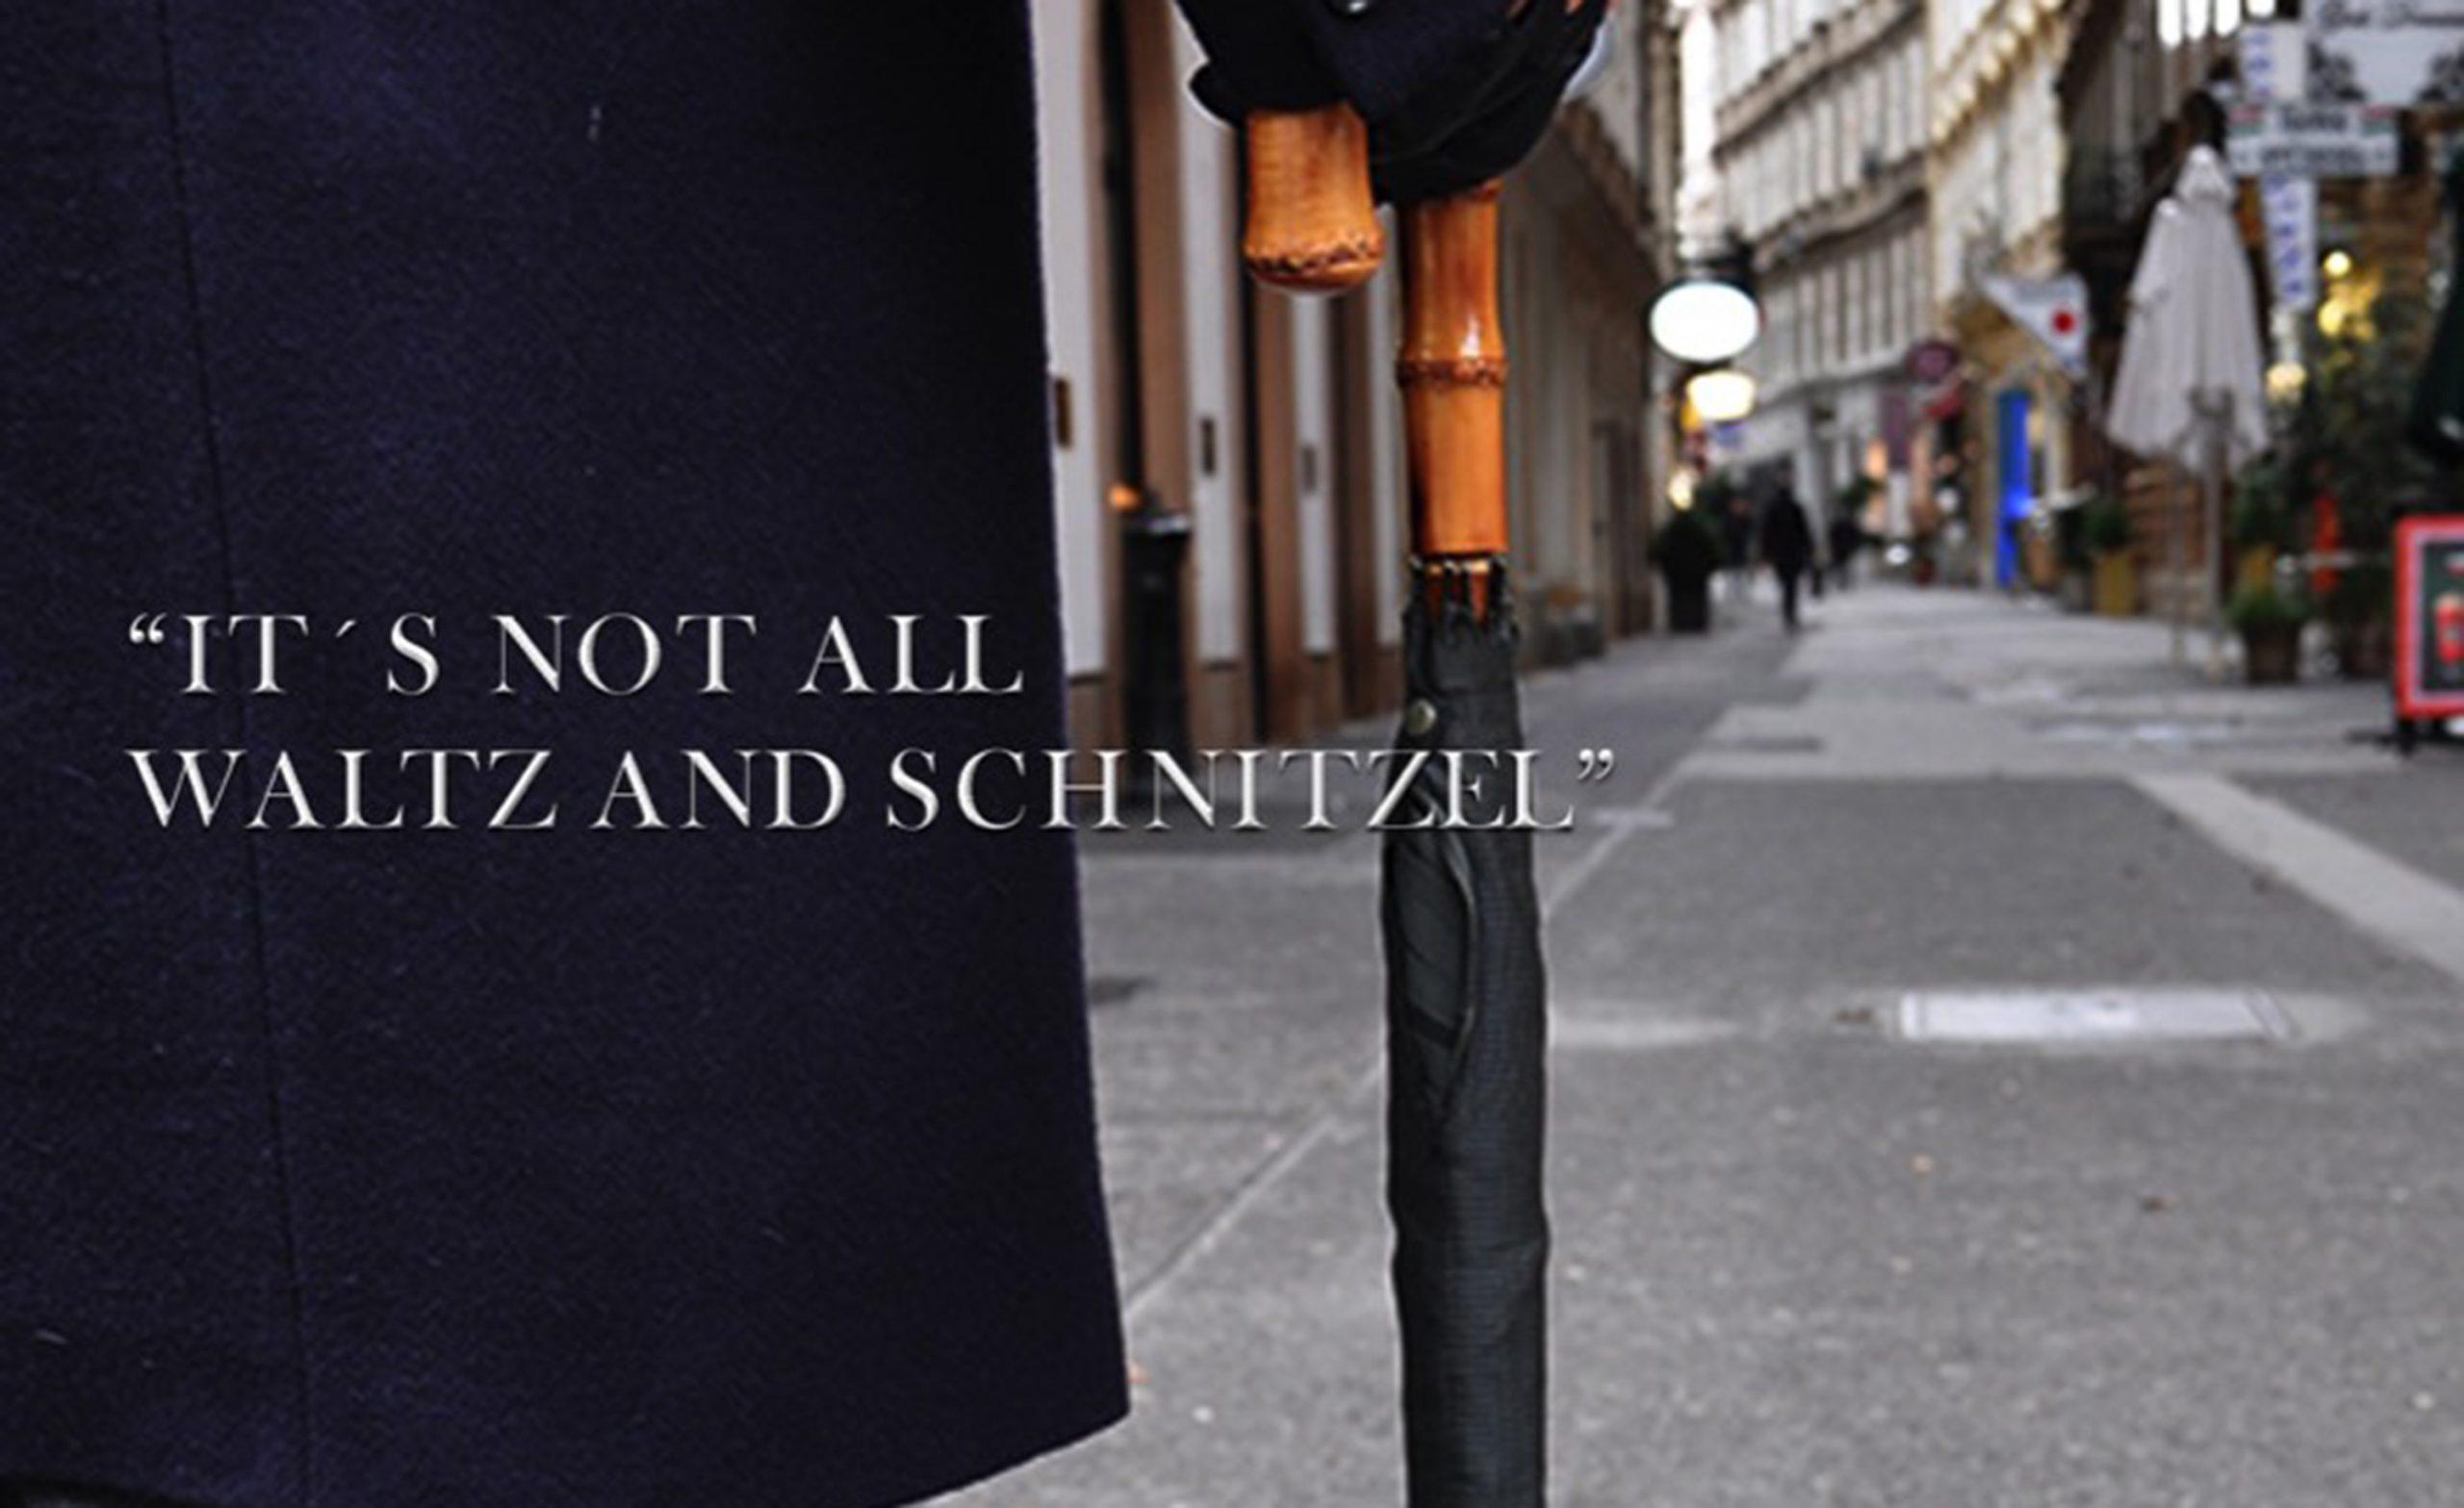 """""""Špiónske hlavné mesto"""": Strhujúci dokument o hlavnom meste agentov vo Viedni."""